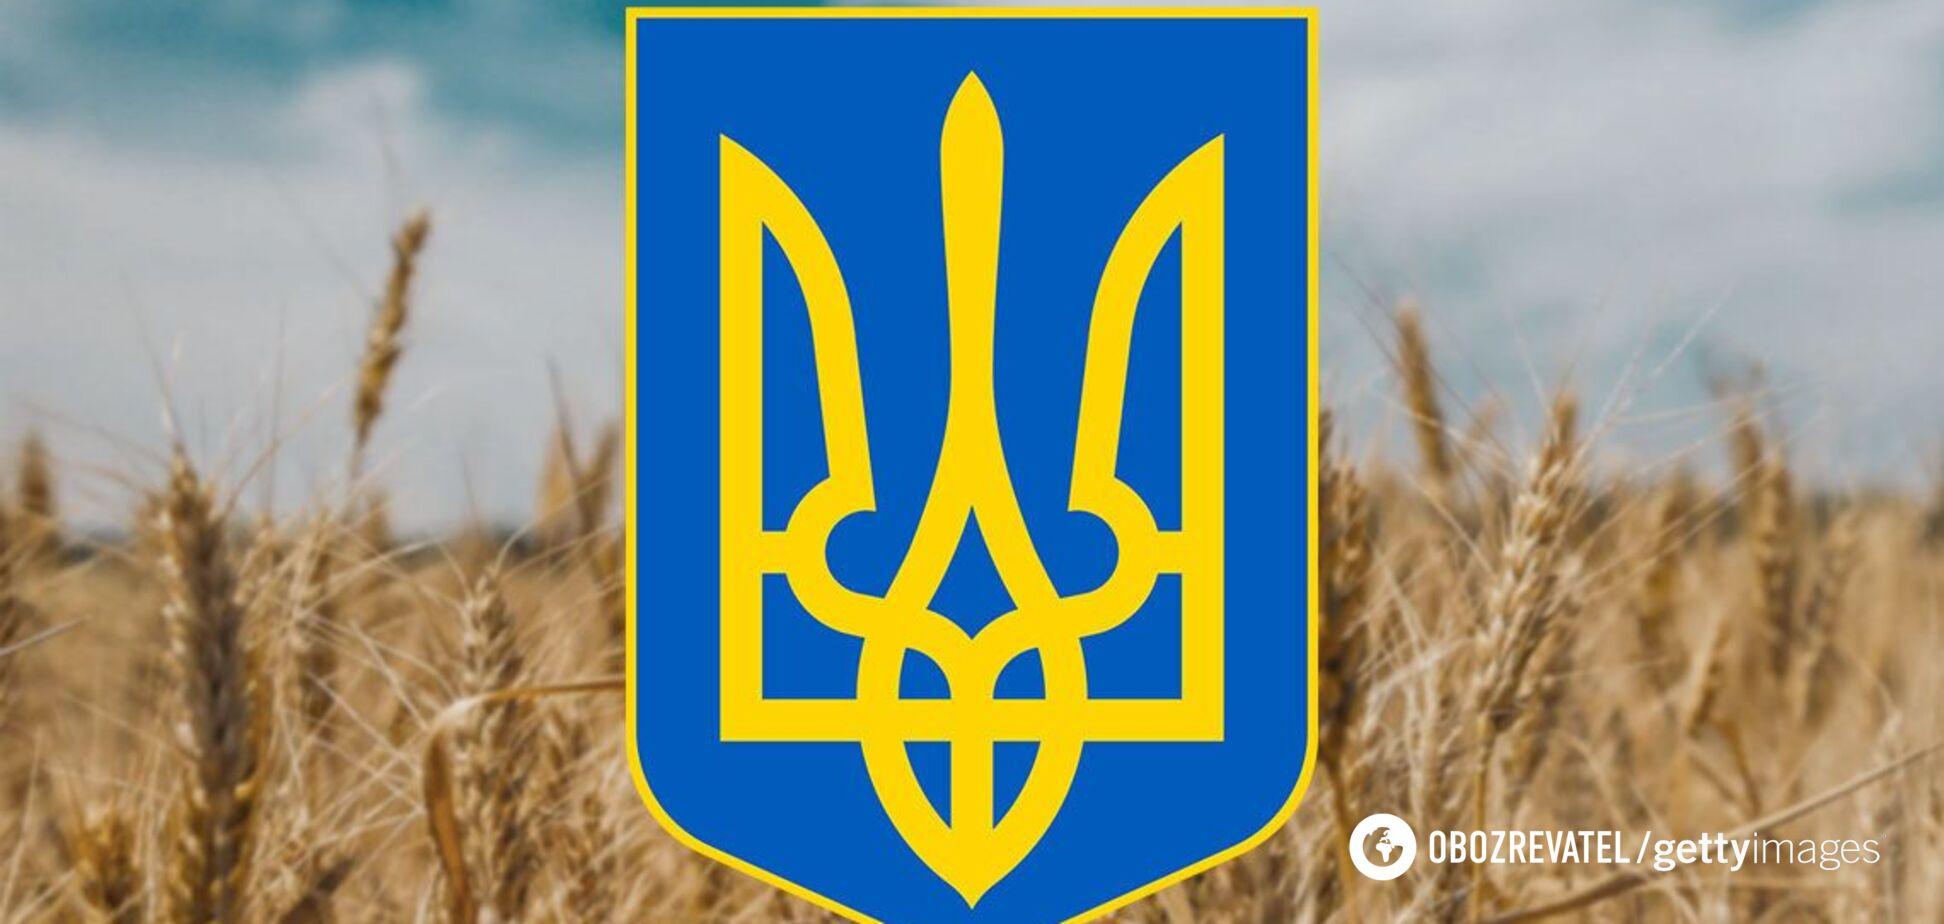 Украинский герб – идеален. Как можно улучшить идеал?